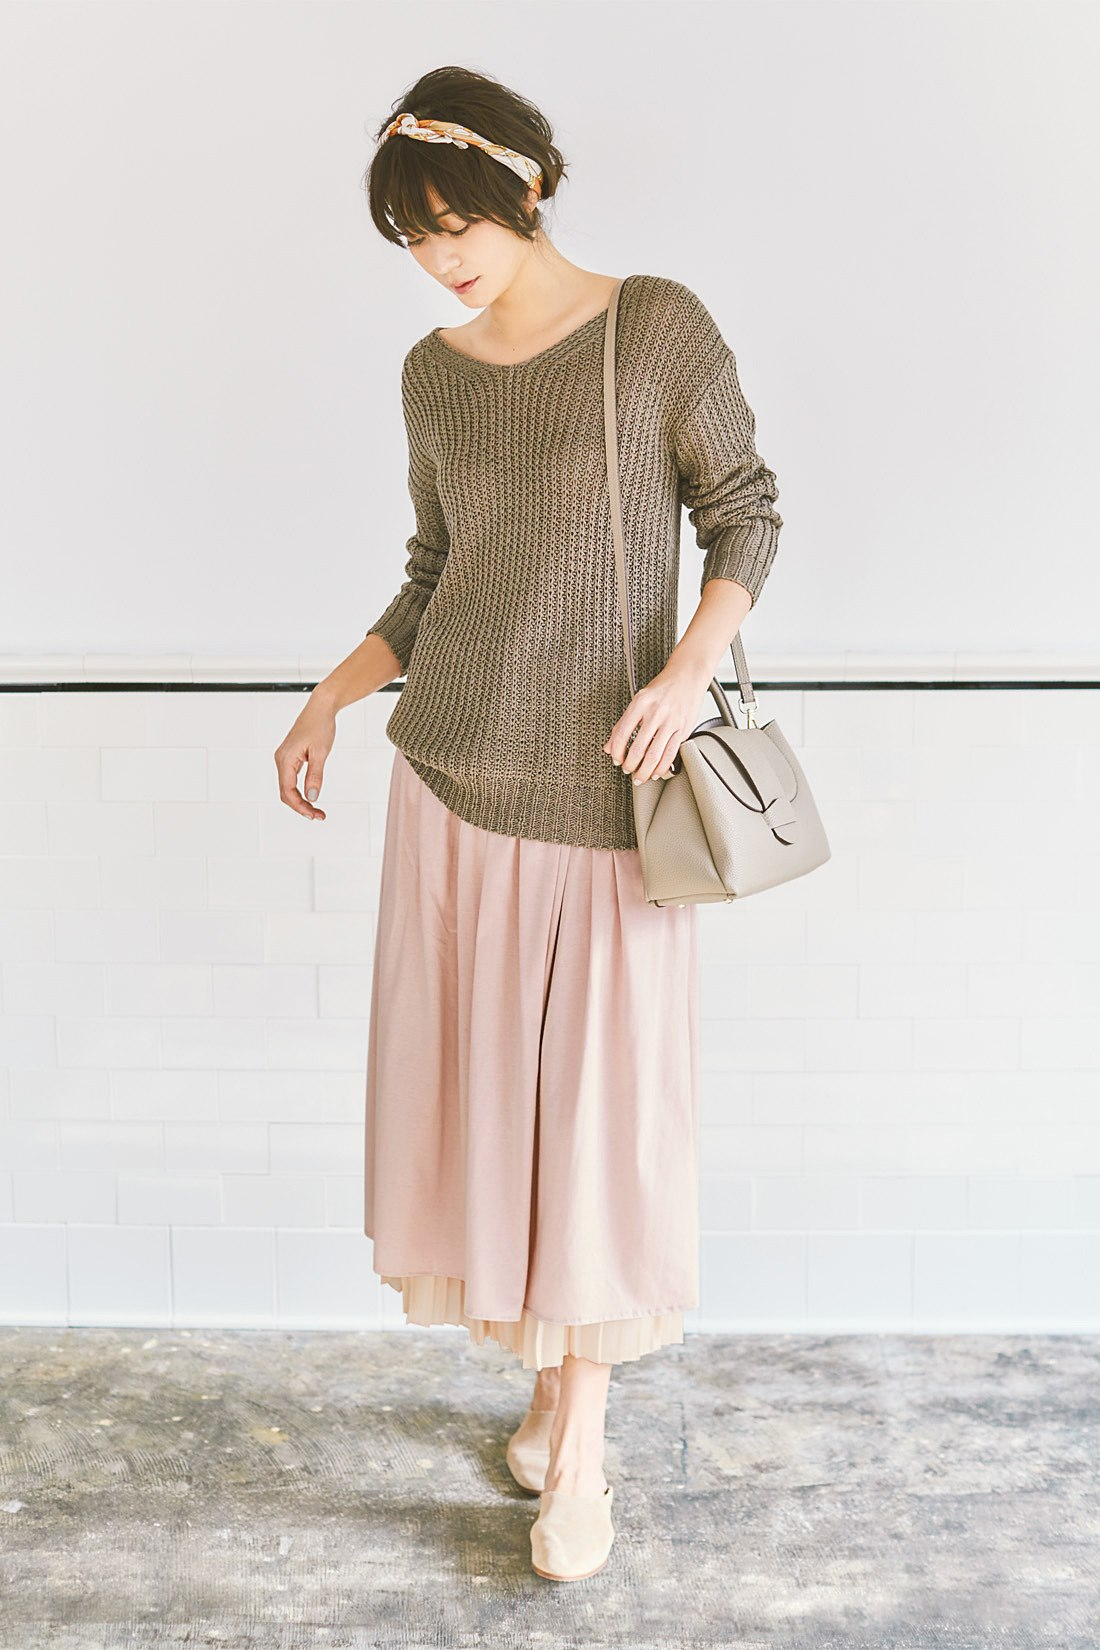 【スカートのみ着用】大人トーンのゆるニットや小物を使ったアースカラースタイルを春らしく軽やかに。